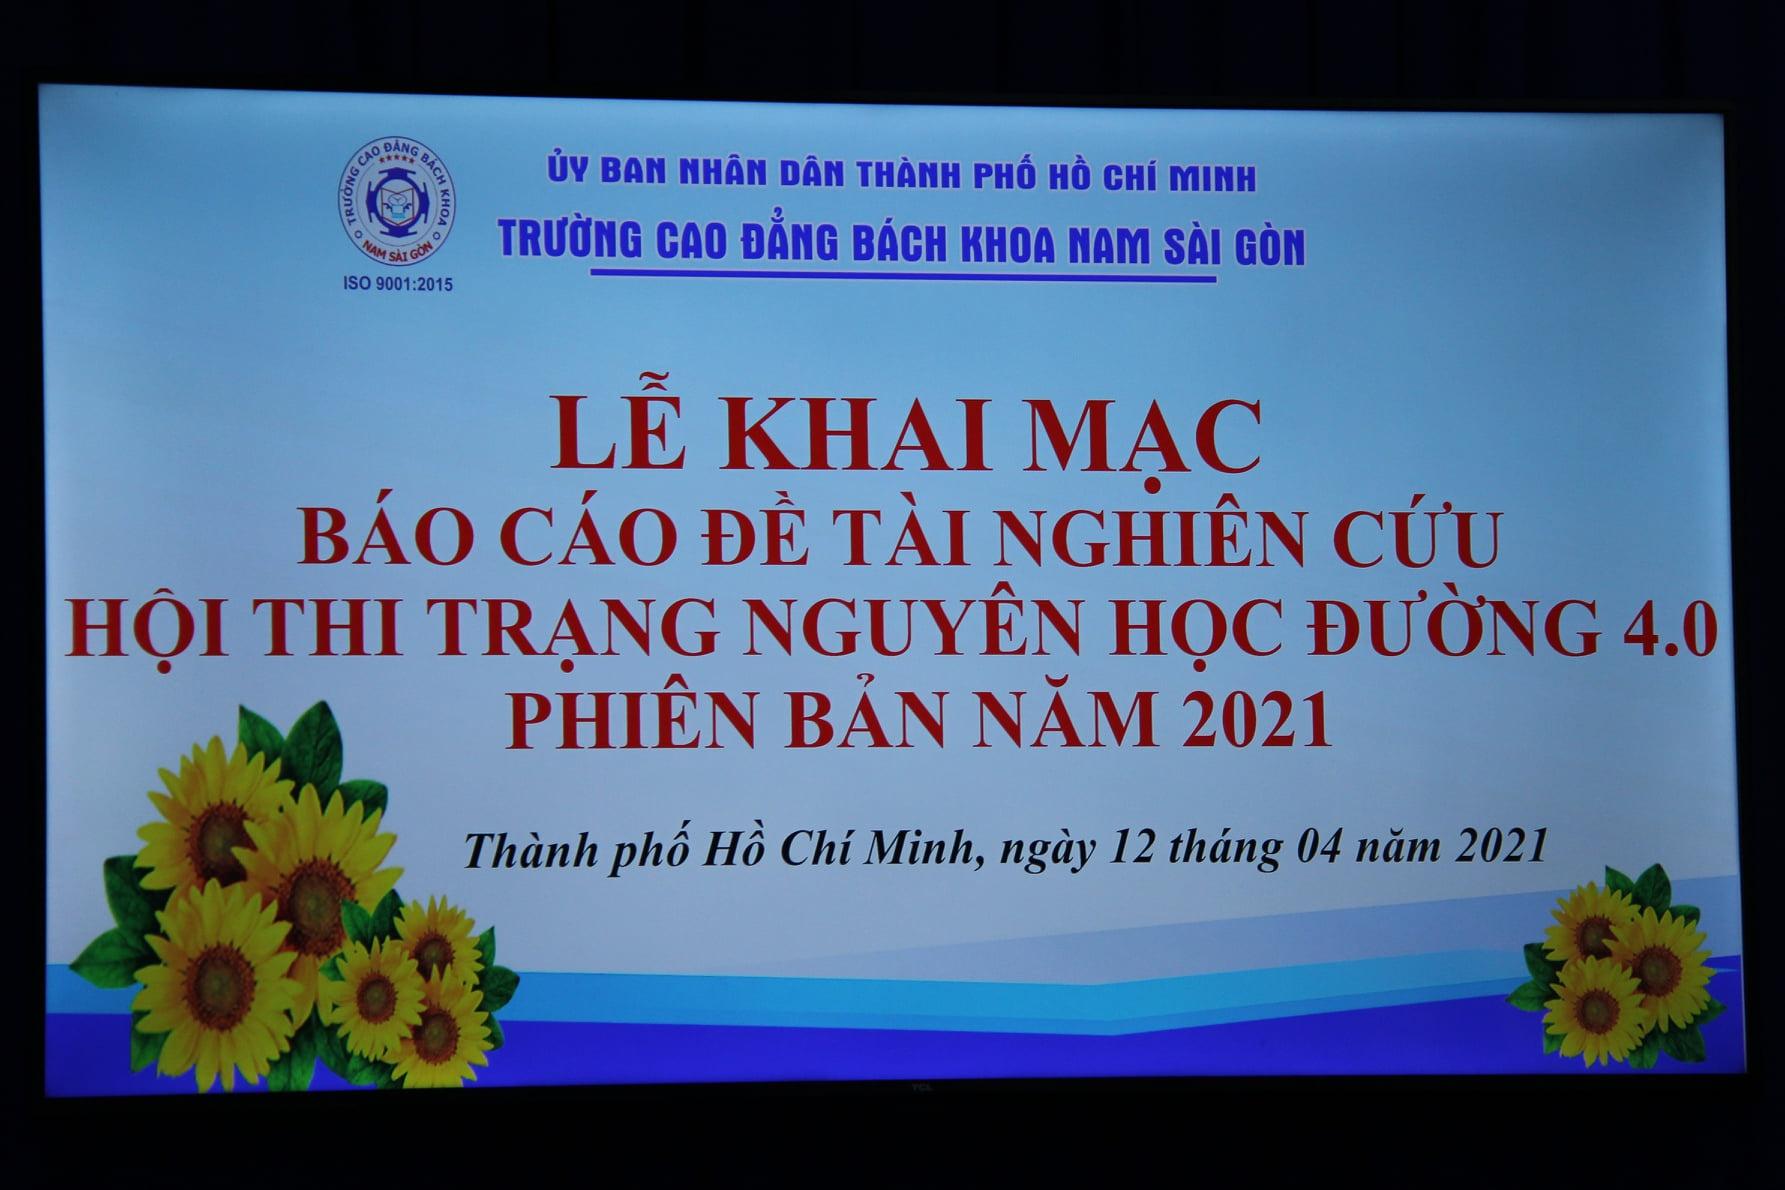 Le Khai Mac Bao Cao De Tai Nghien Cuu Khoa Hoc